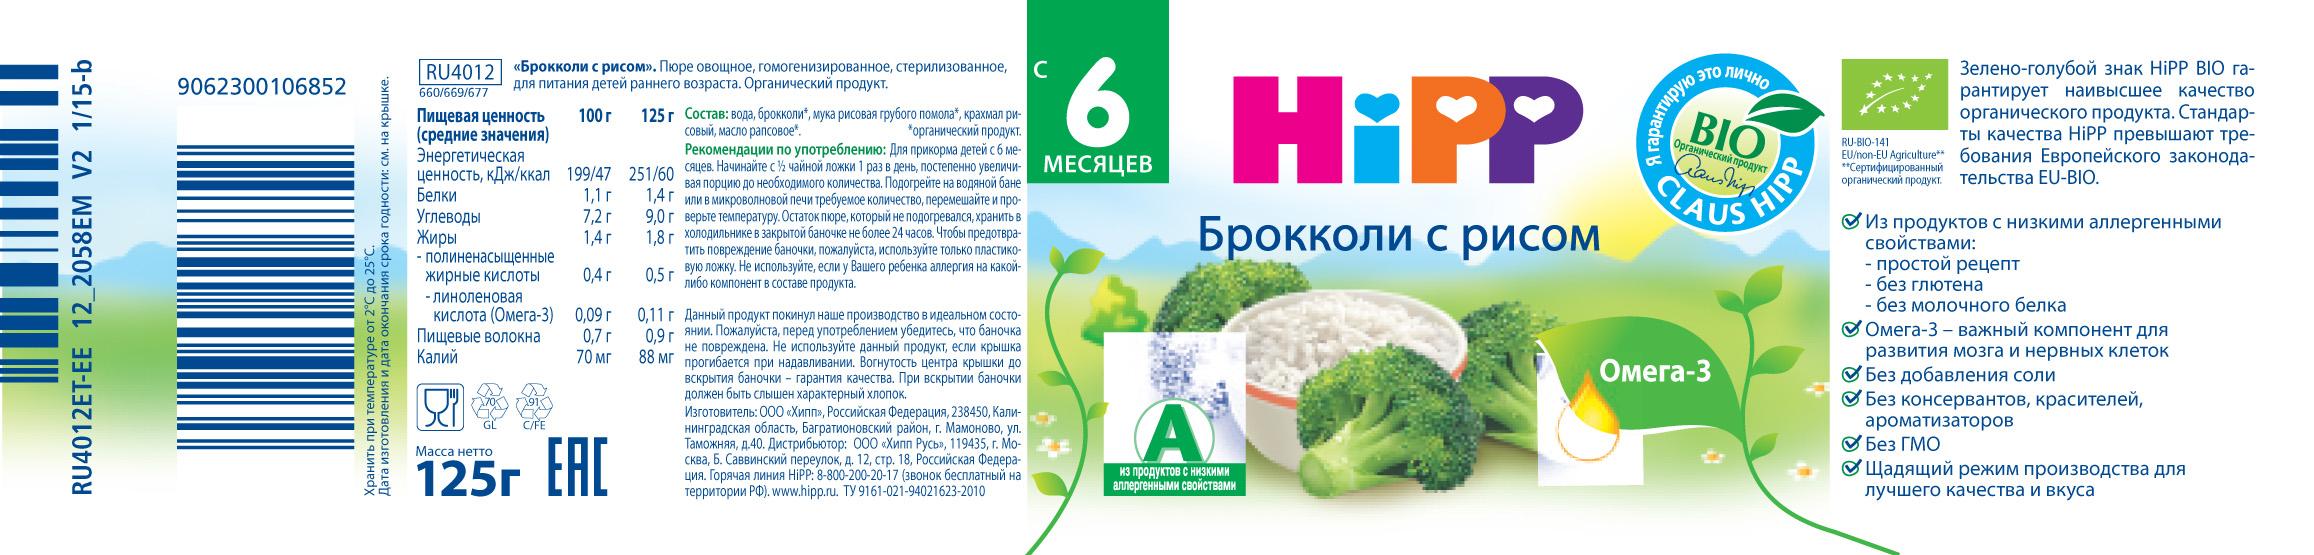 Овощное HIPP HiPP Брокколи с рисом (с 6 месяцев) 125 г овощное hipp hipp брокколи с рисом с 6 месяцев 125 г